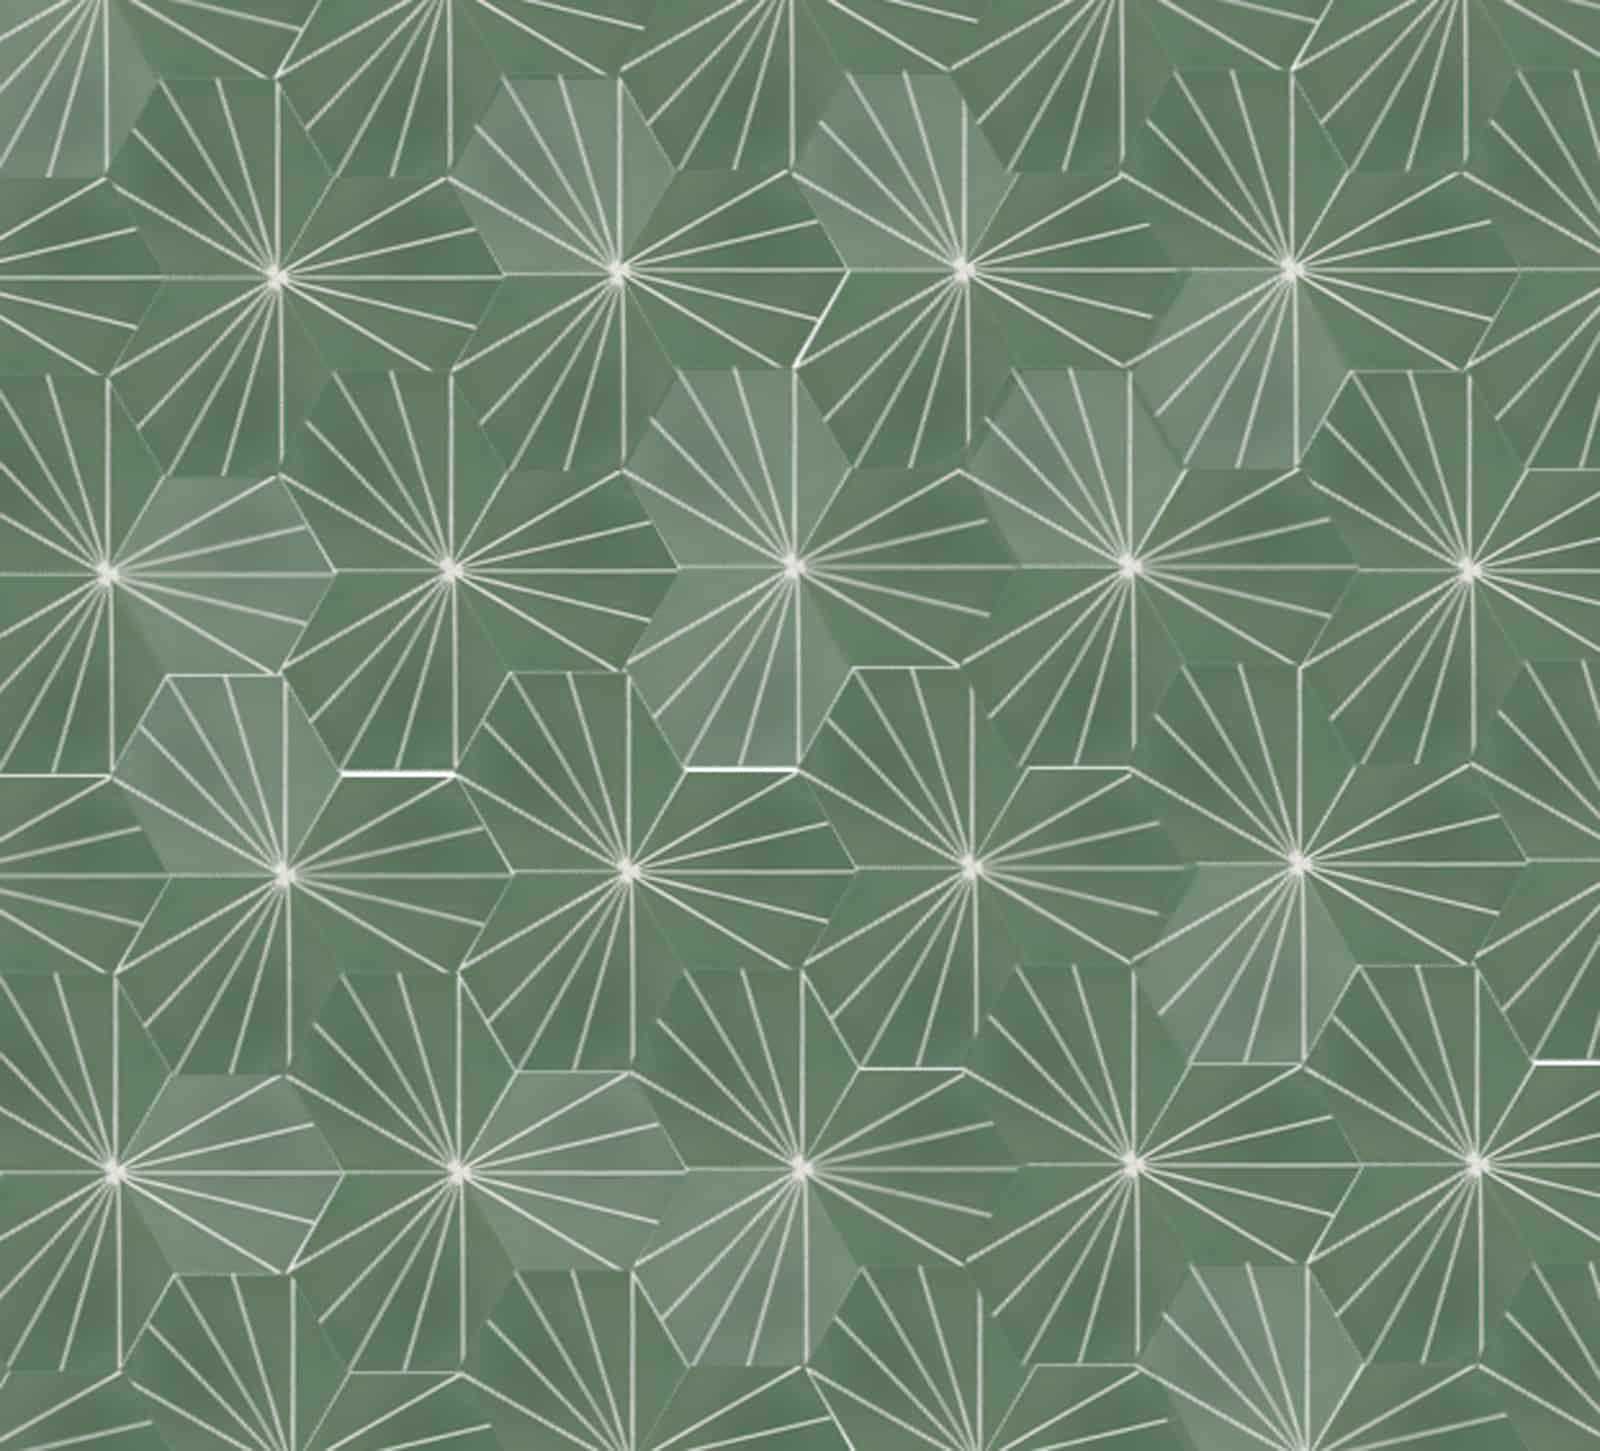 zementmosaikplatten-sechseck-verlegemuster-600853-viaplatten | 600853